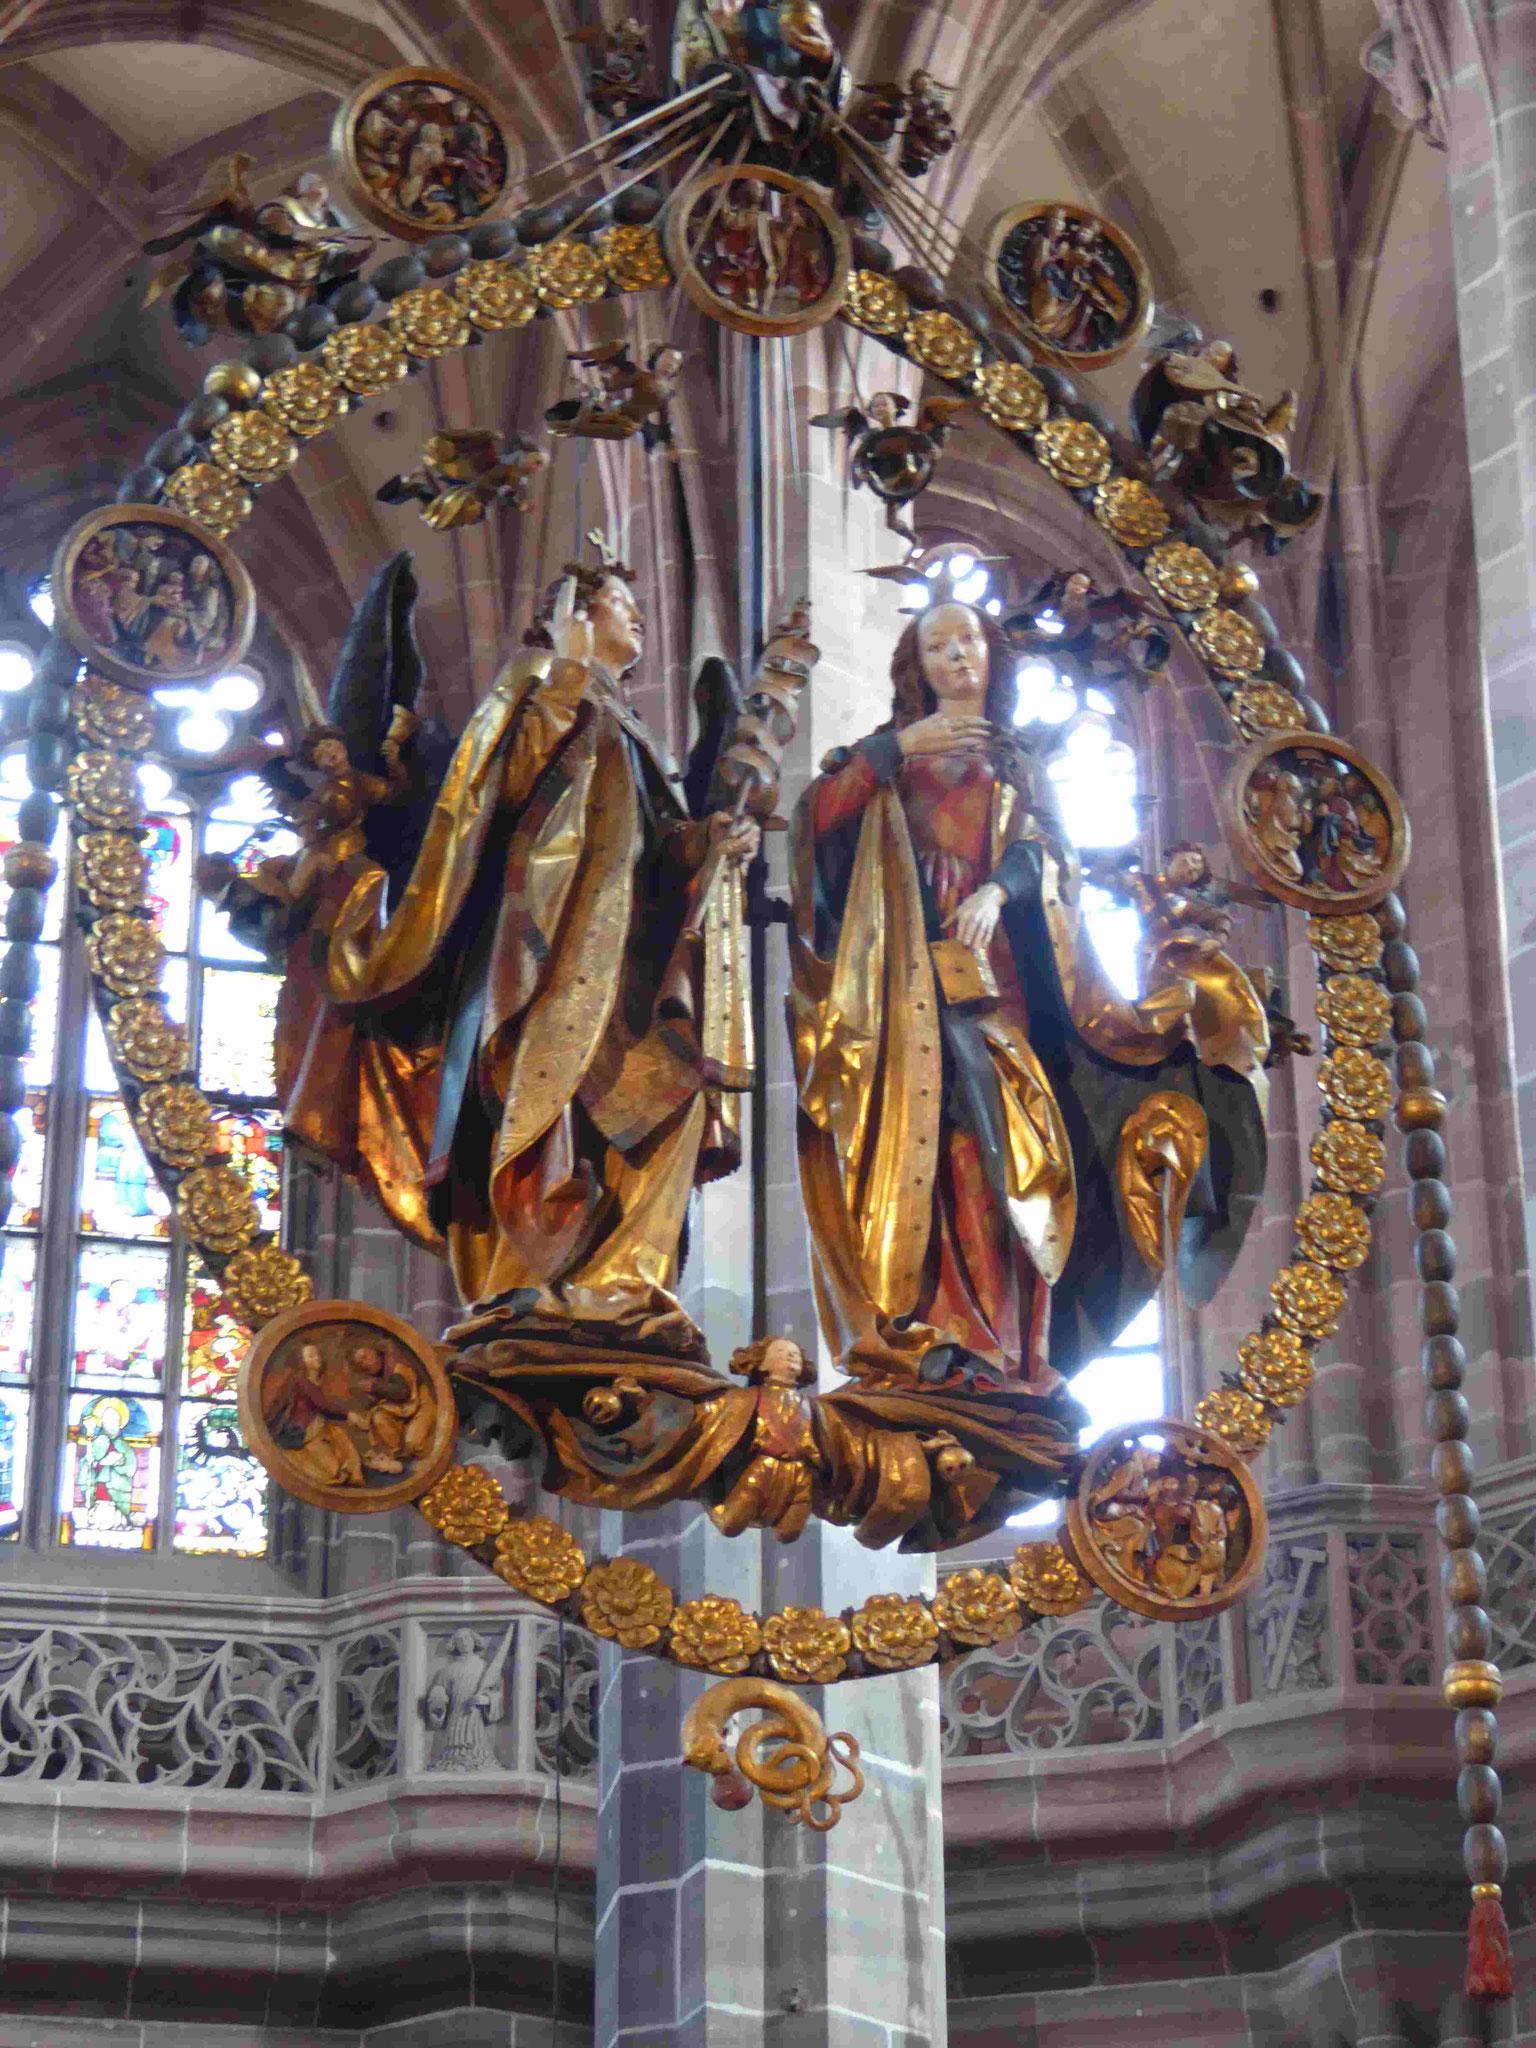 Veit Stoß, Englischer Gruß, St. Lorenzkirche, Nürnberg